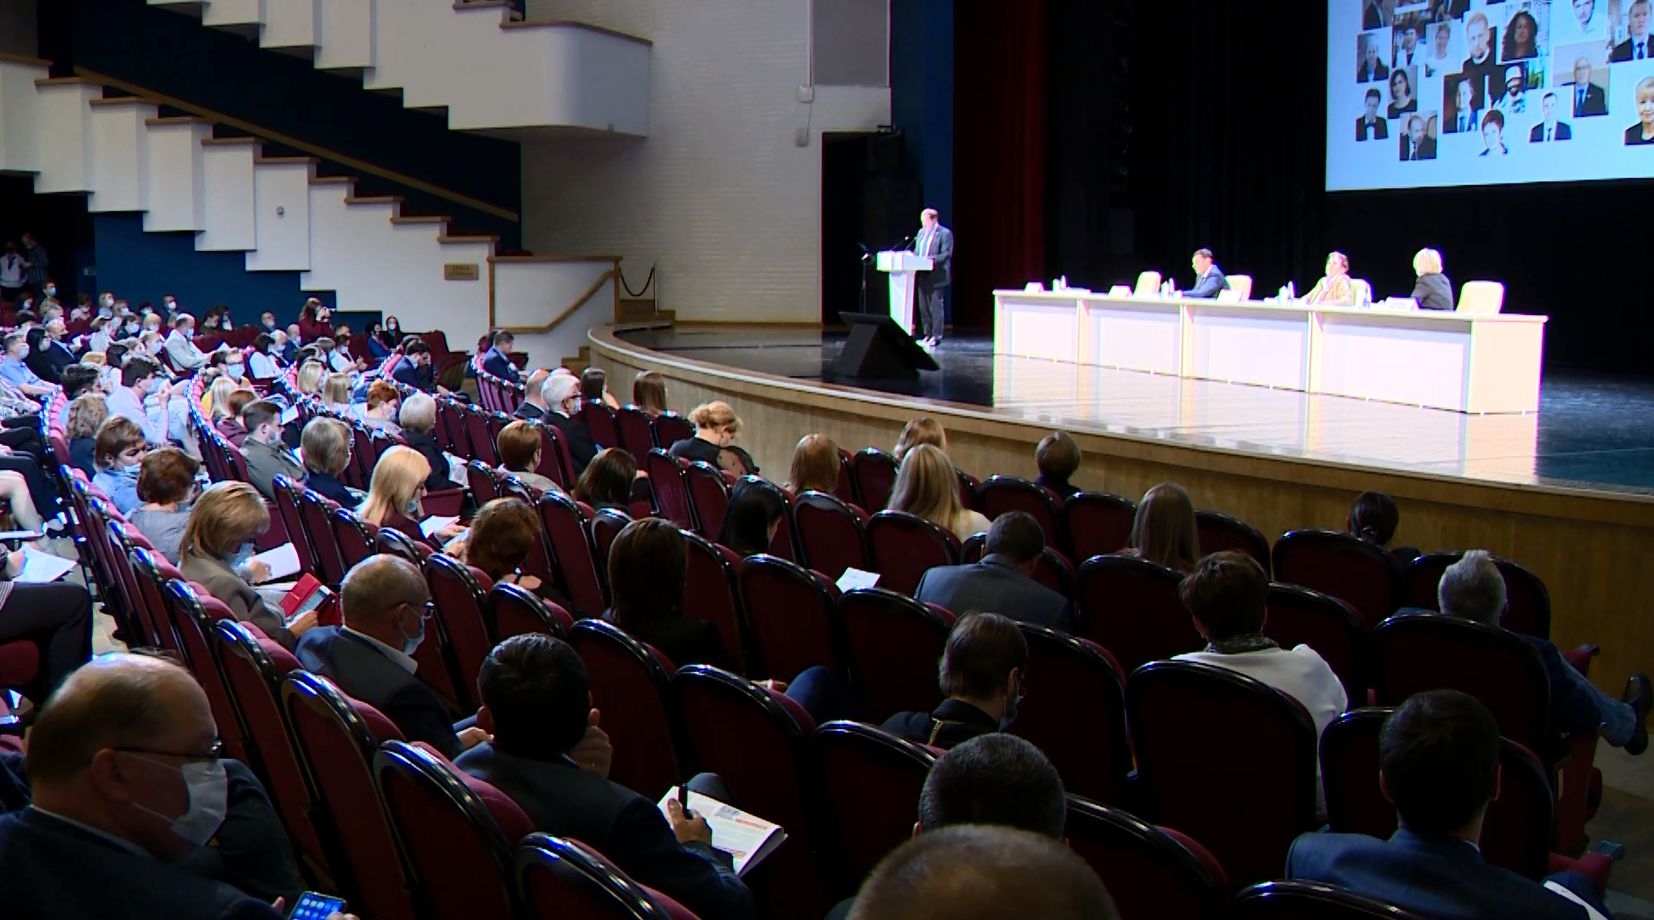 В Ярославле состоялось обсуждение Стратегии развития региона - общественные инициативы позволят региональной власти сконцентрироваться на приоритетных направлениях